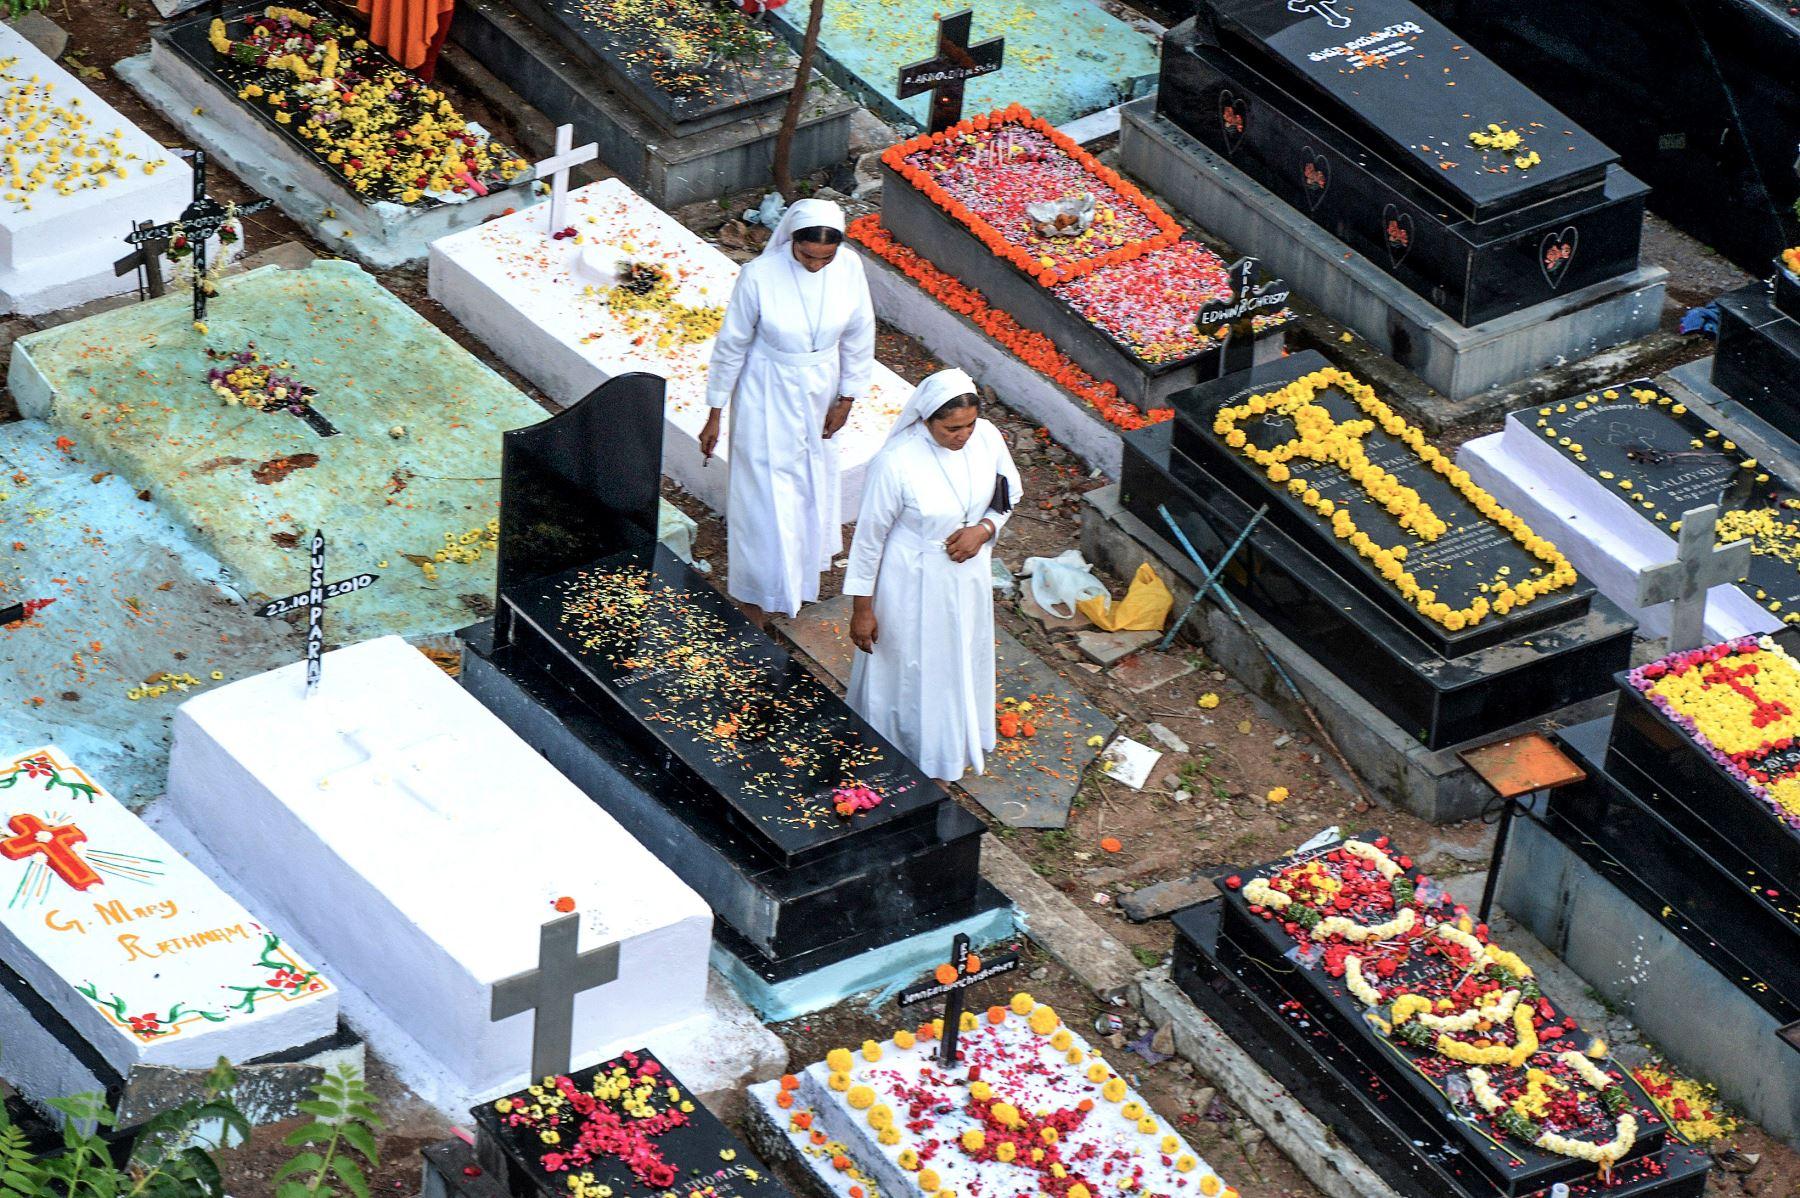 Monjas católicas caminan entre las tumbas para ofrecer oraciones a las hermanas fallecidas durante el Día de los Difuntos en un cementerio en Hyderabad en la India. Foto: AFP